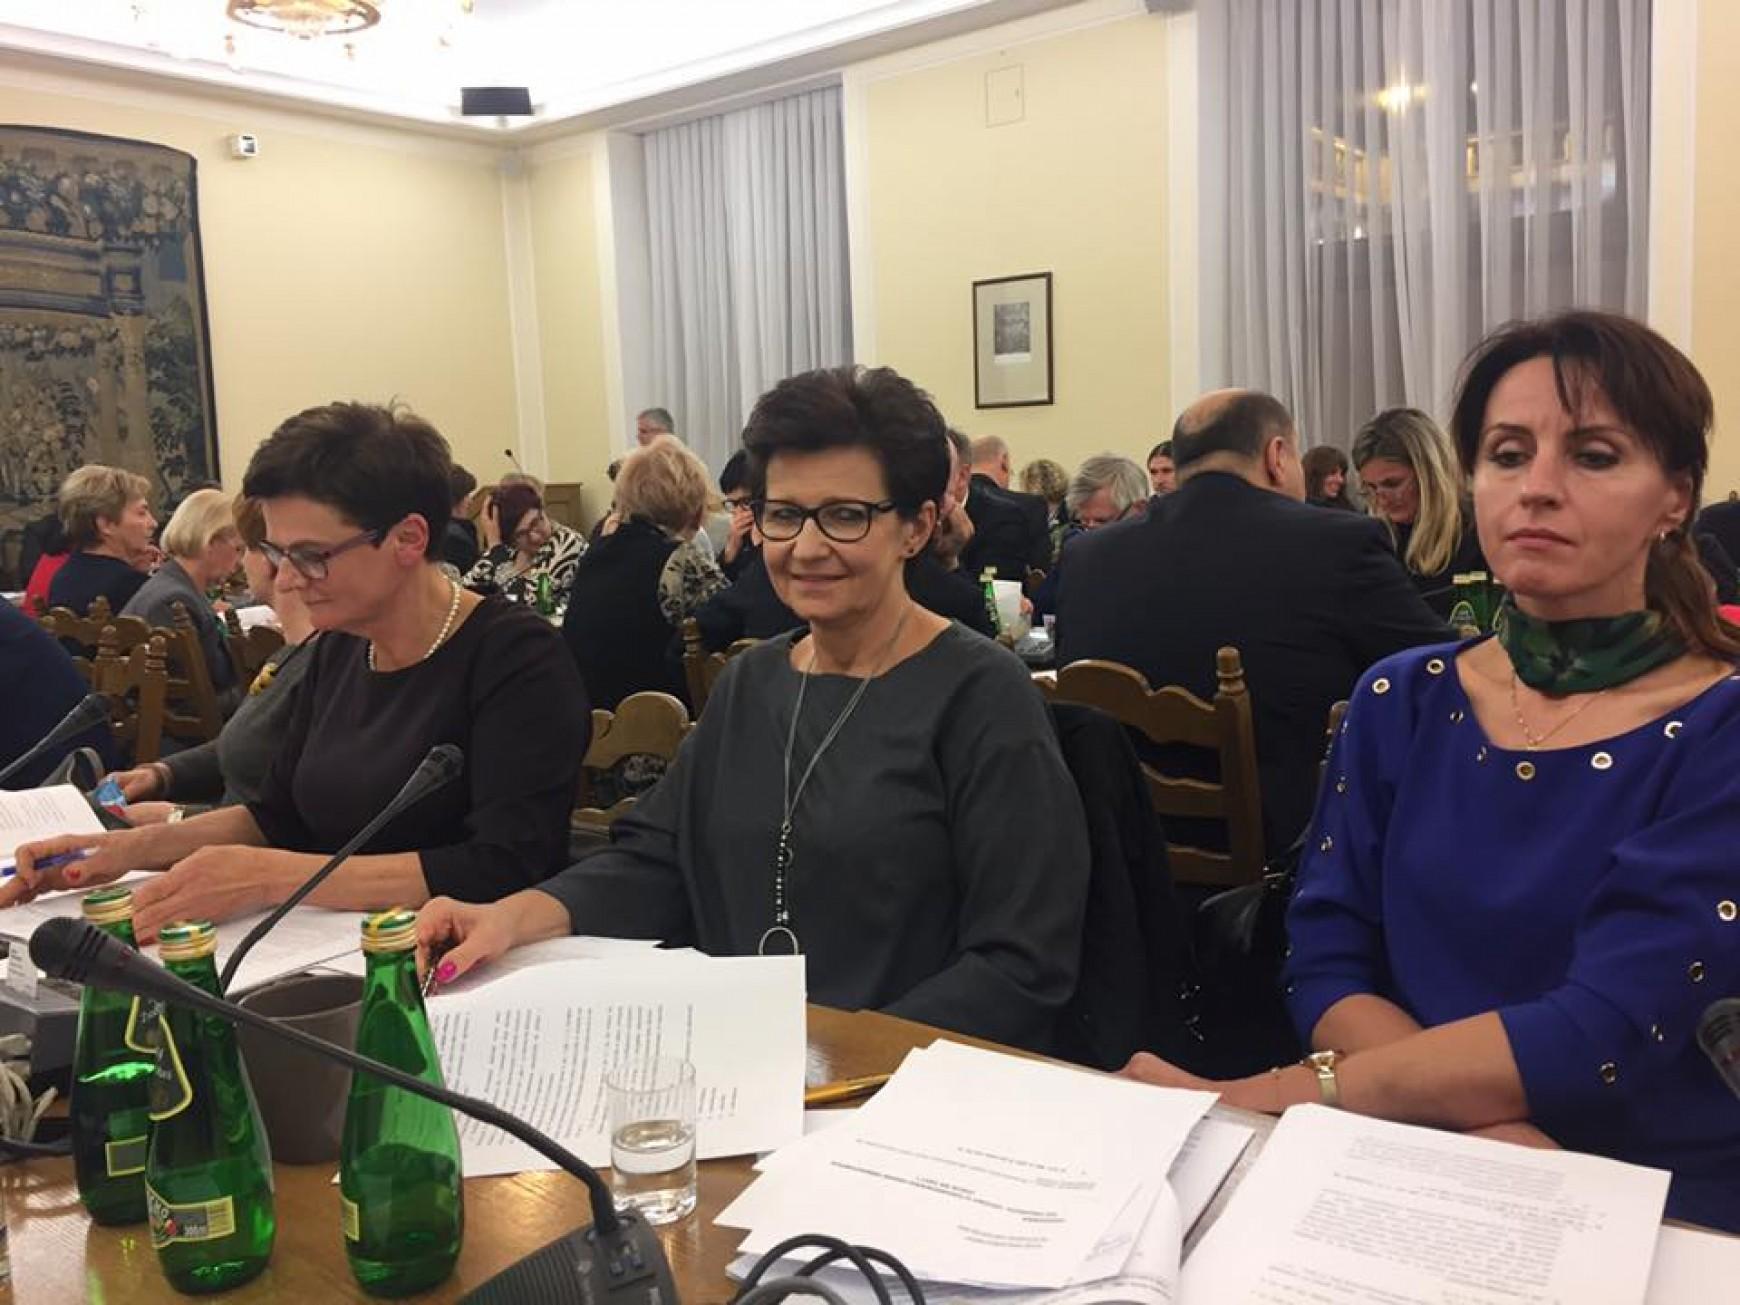 Komisja Edukacji, Nauki i Młodzieży 11.10.2017 r.